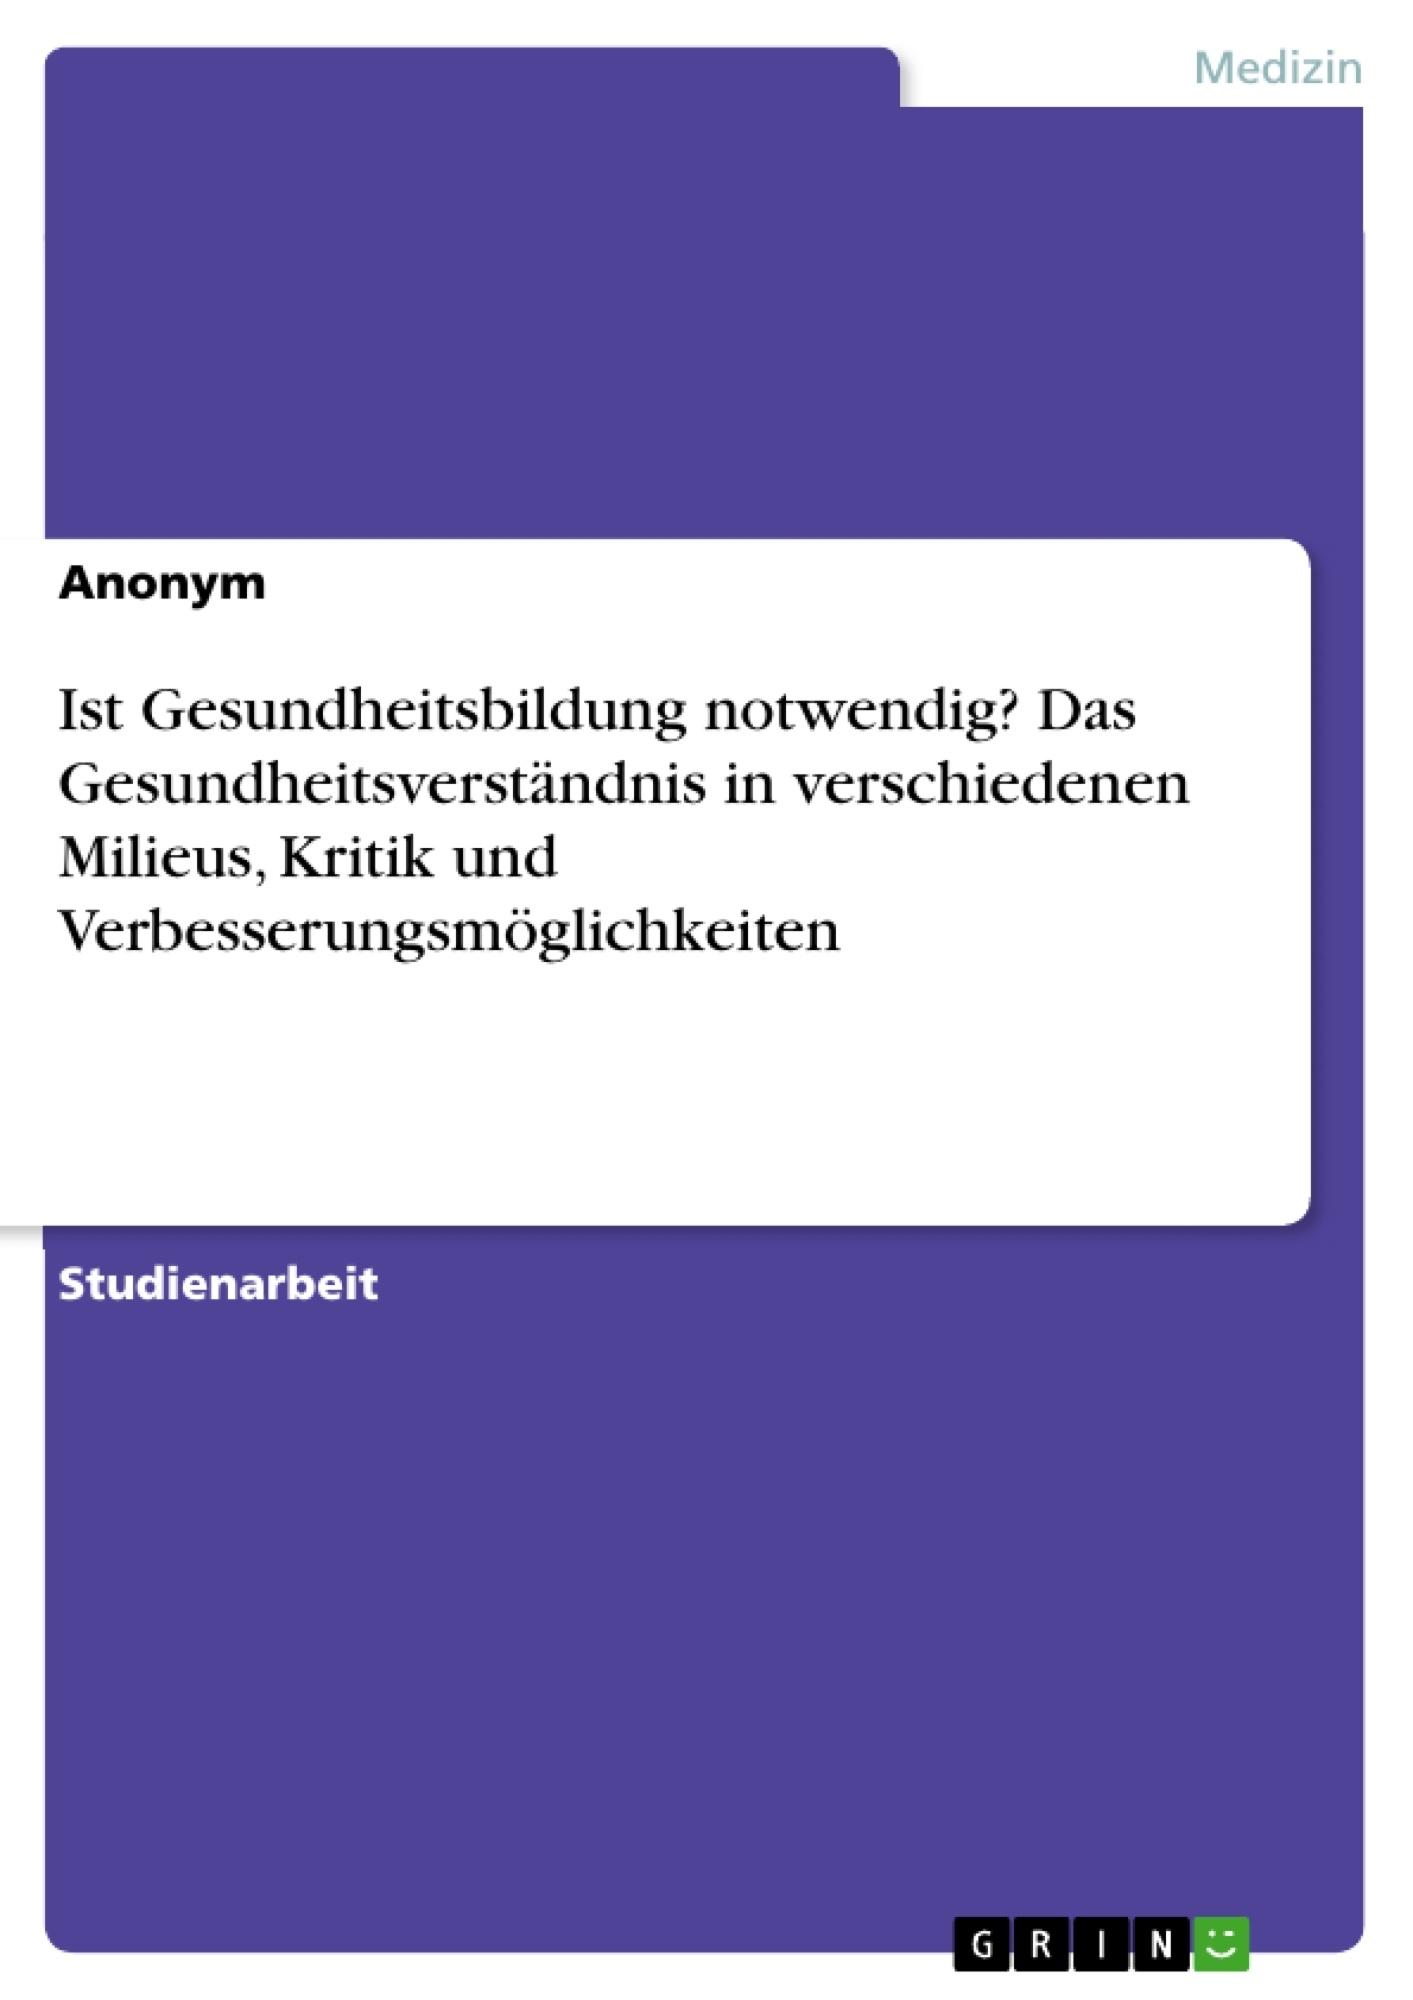 Titel: Ist Gesundheitsbildung notwendig? Das Gesundheitsverständnis in verschiedenen Milieus, Kritik und Verbesserungsmöglichkeiten